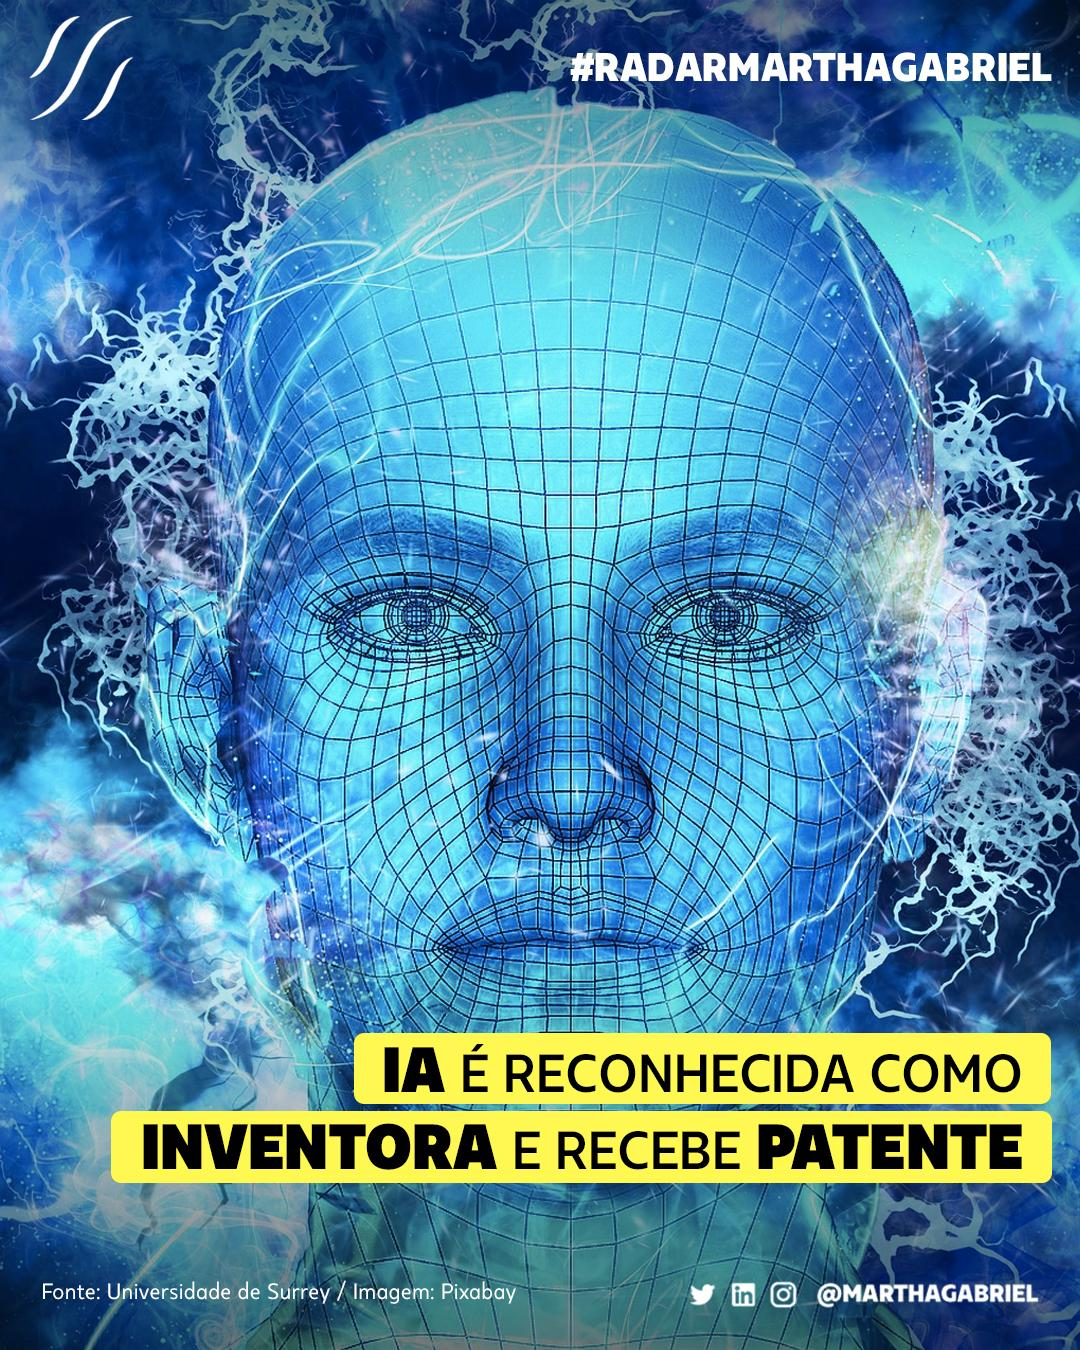 IA é reconhecida como inventora e recebe patente